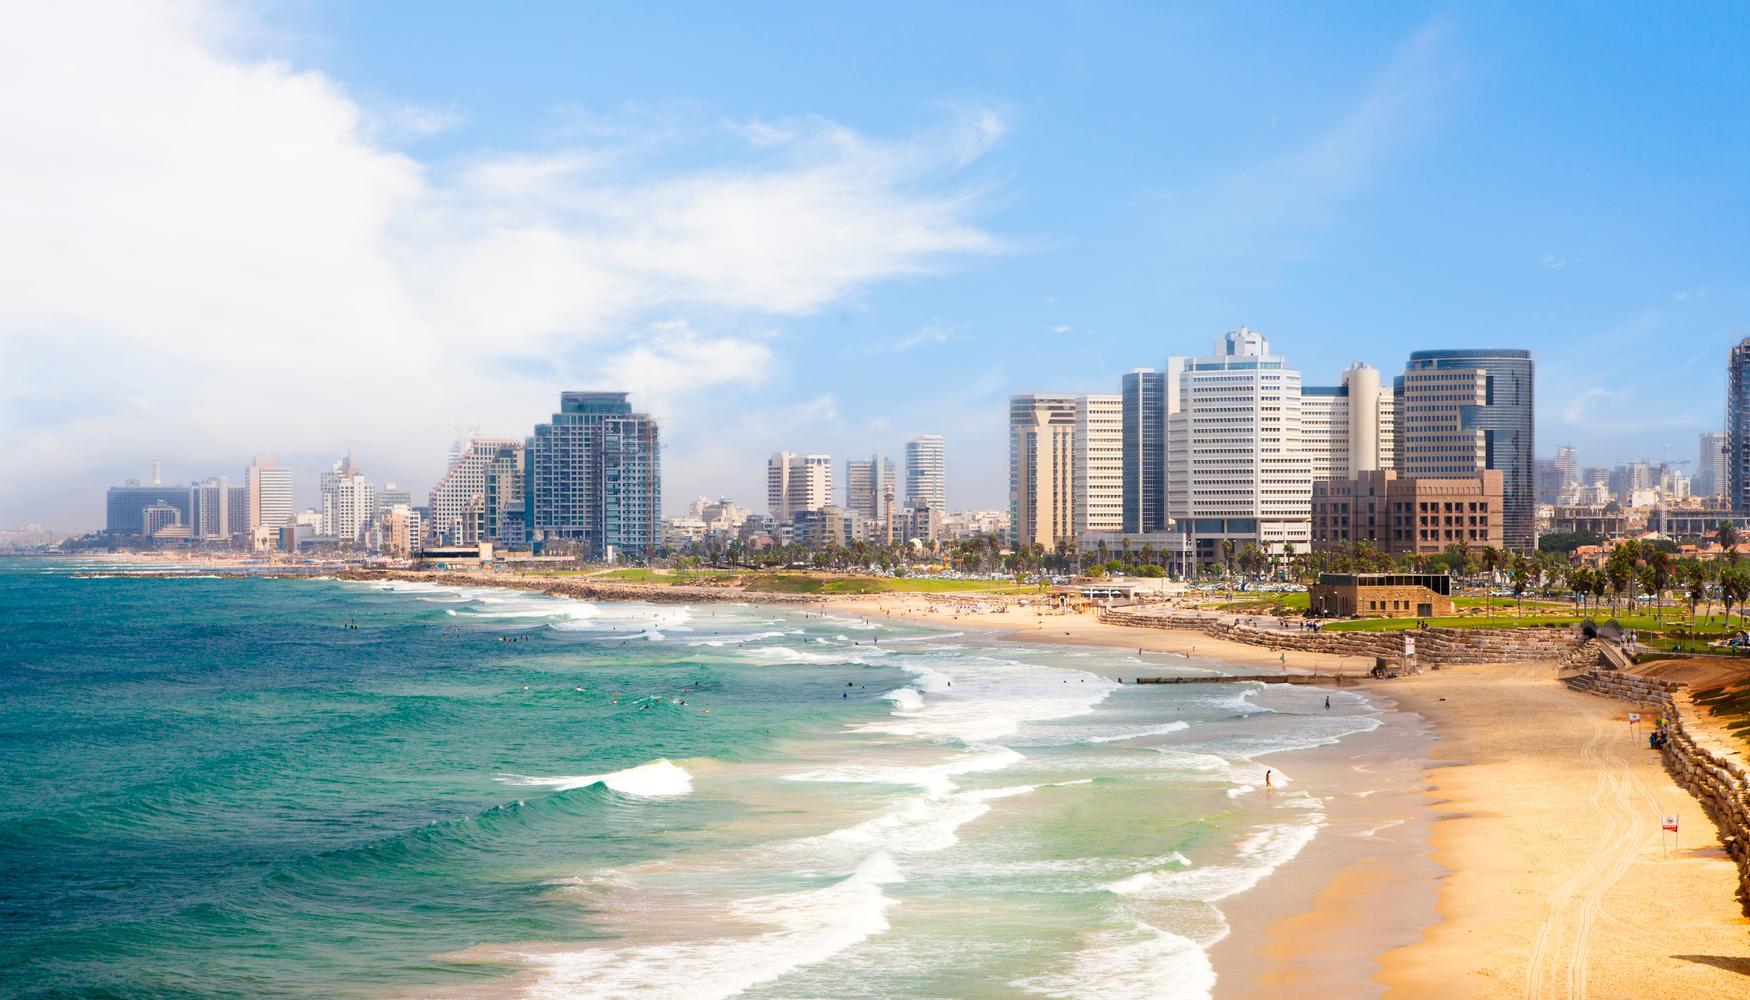 Sewa Mobil di Bandara Tel Aviv Sde Dov